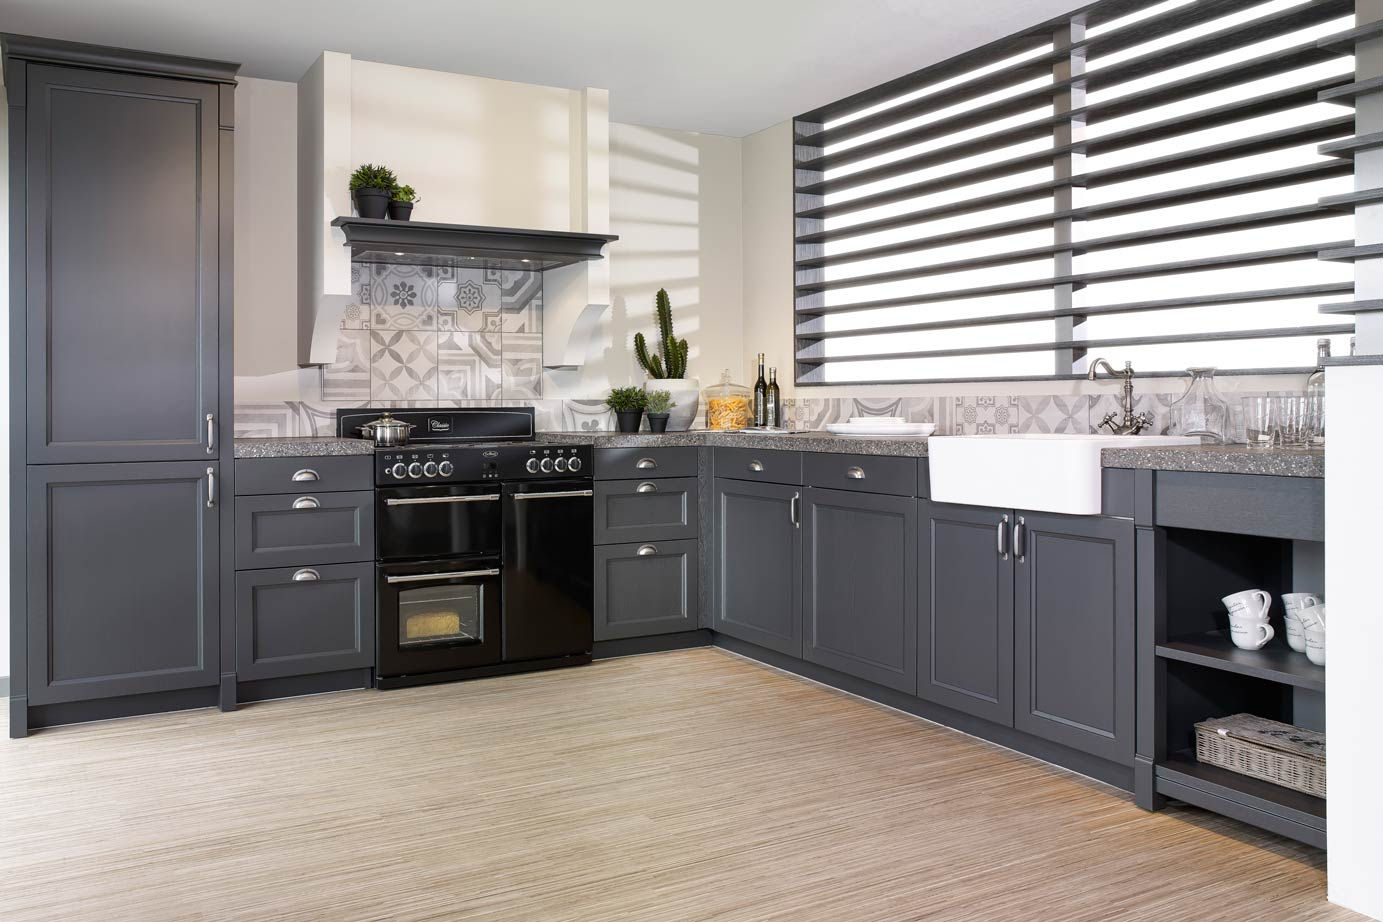 Landelijk Kleuren Keuken : Keuken kleuren ieder kleur mogelijk bekijk voorbeelden ardi